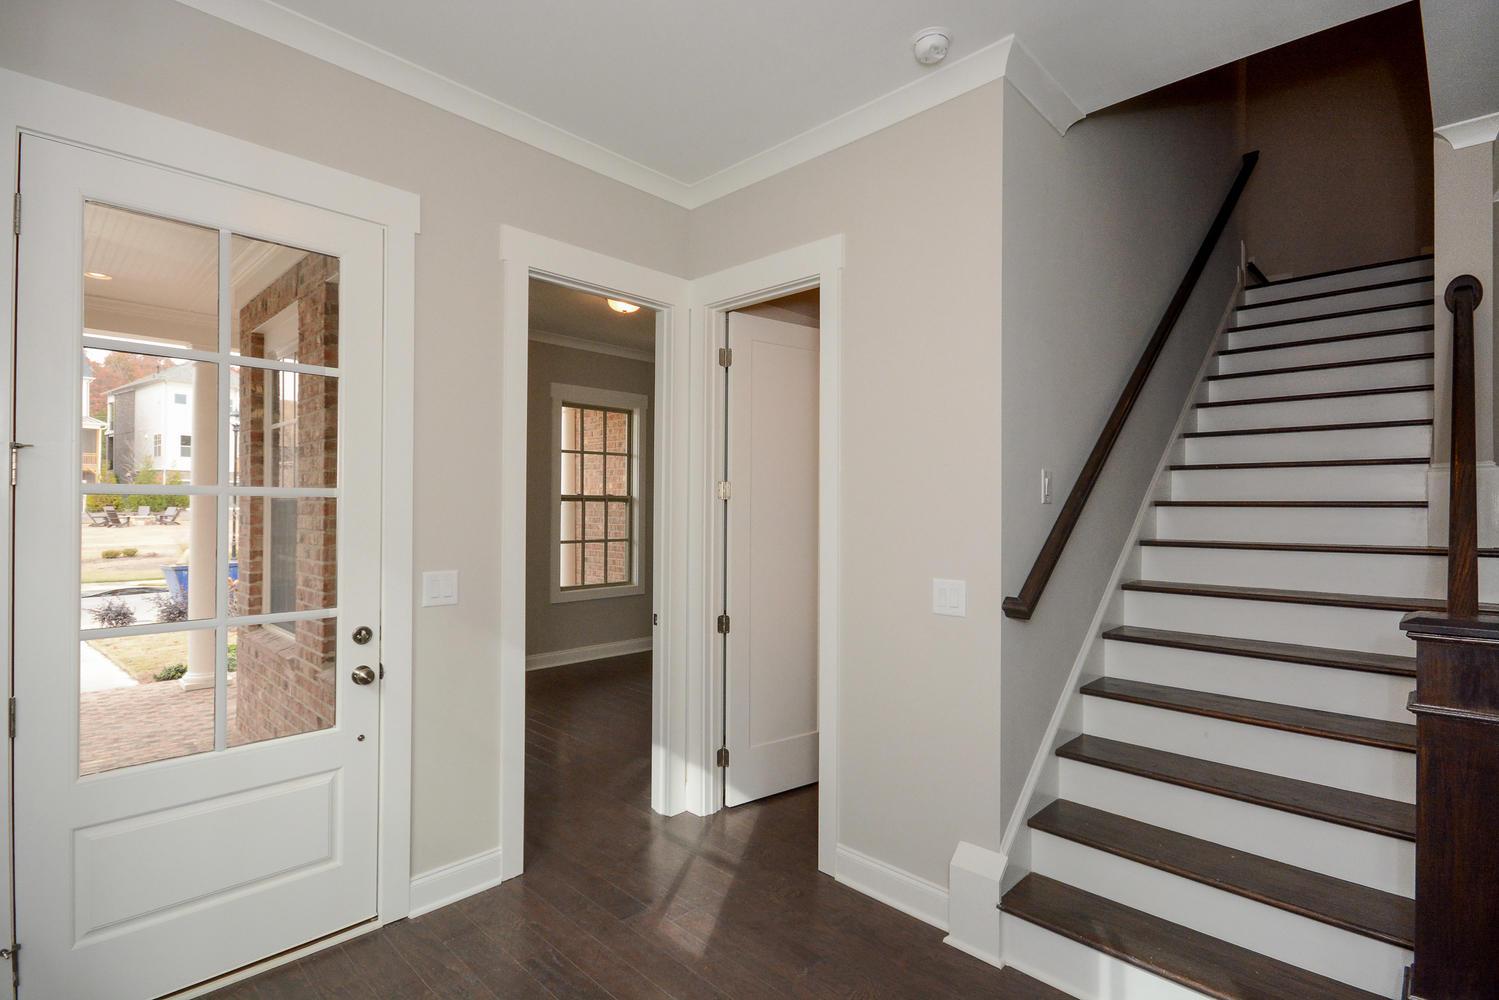 Dunes West Homes For Sale - 2949 Minnow, Mount Pleasant, SC - 17